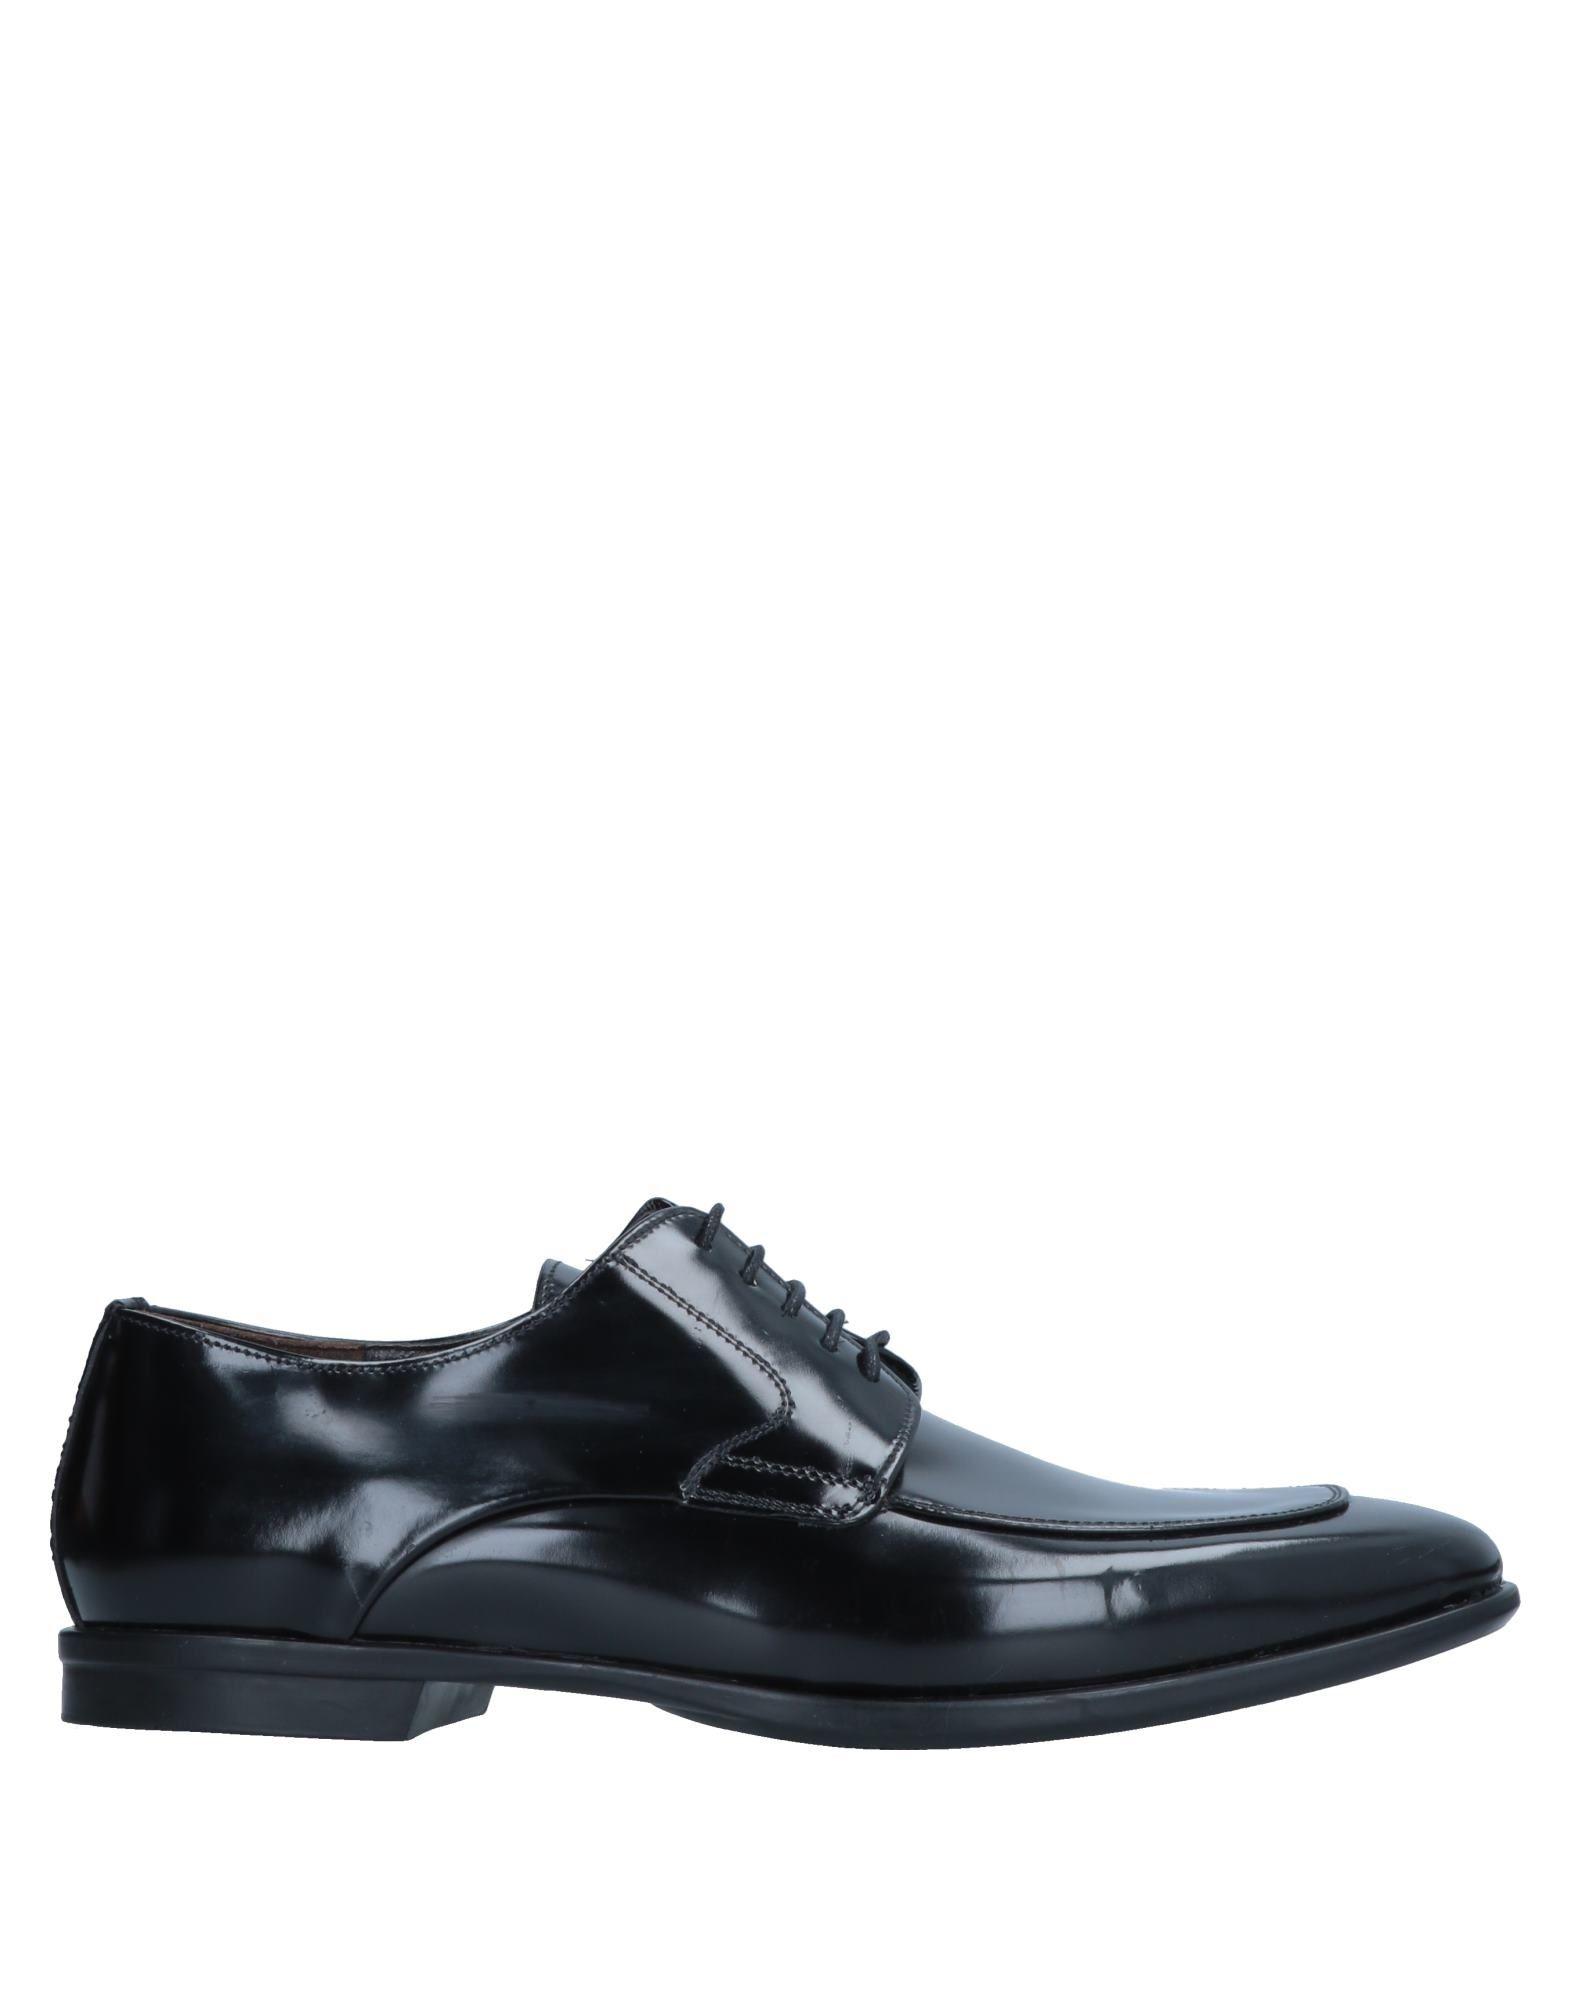 Bruno Magli Schnürschuhe Herren  11551291PJ Gute Qualität beliebte Schuhe